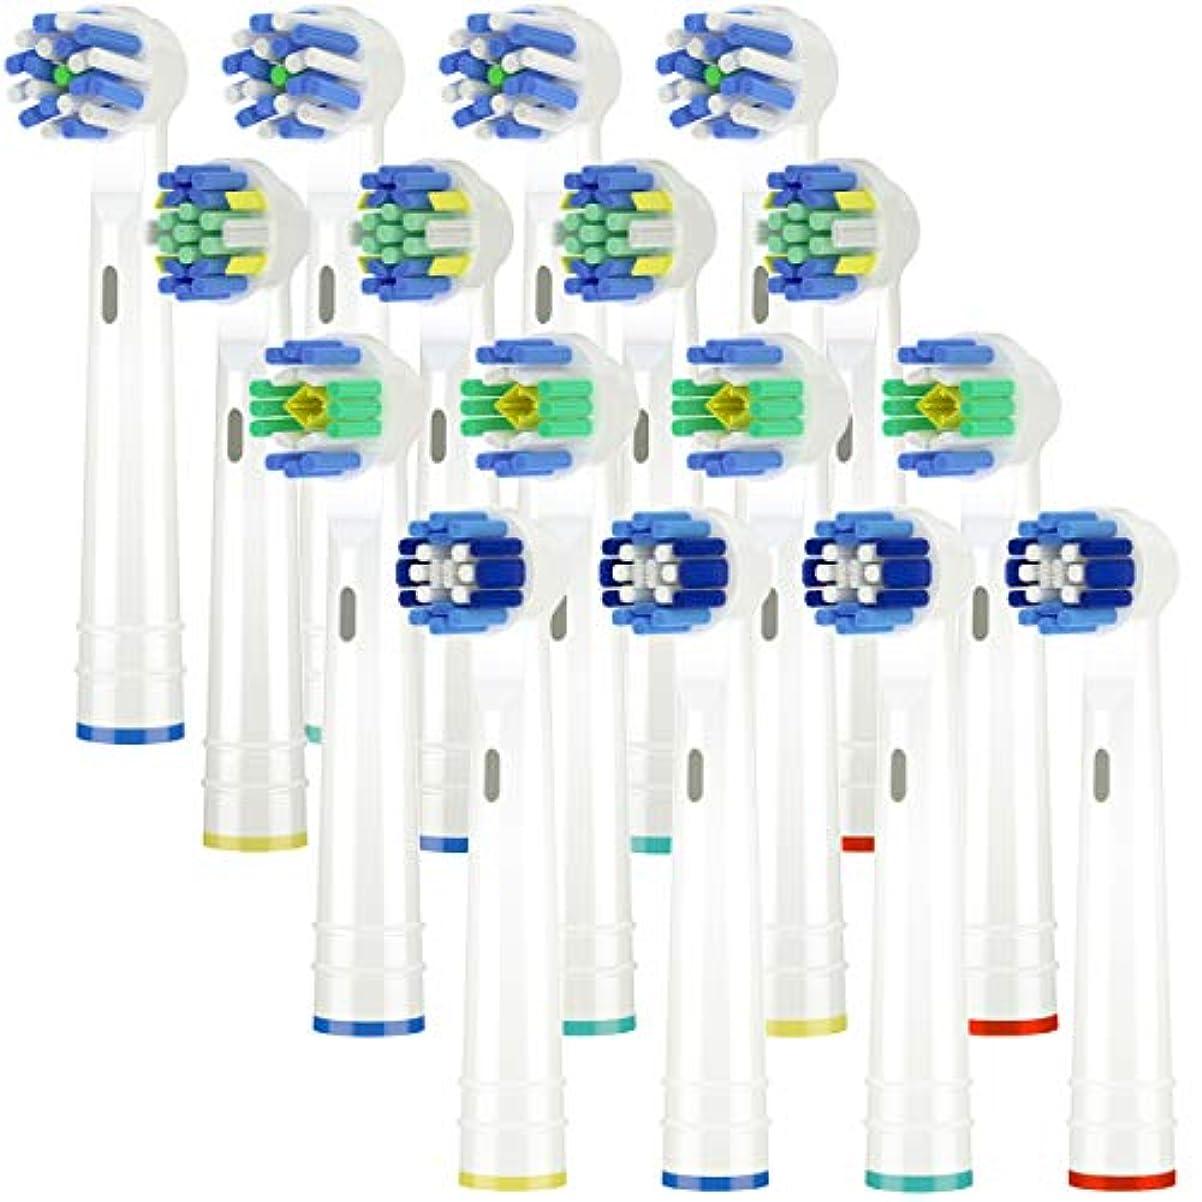 昼食バンケット前述のItechnik 電動歯ブラシ 替えブラシ ブラウン オーラルB 対応 替えブラシ 4種類が入り:ホワイトニングブラシ 、ベーシックブラシ、歯間ワイパー付きブラシ、マルチアクションブラシ 凡用な16本